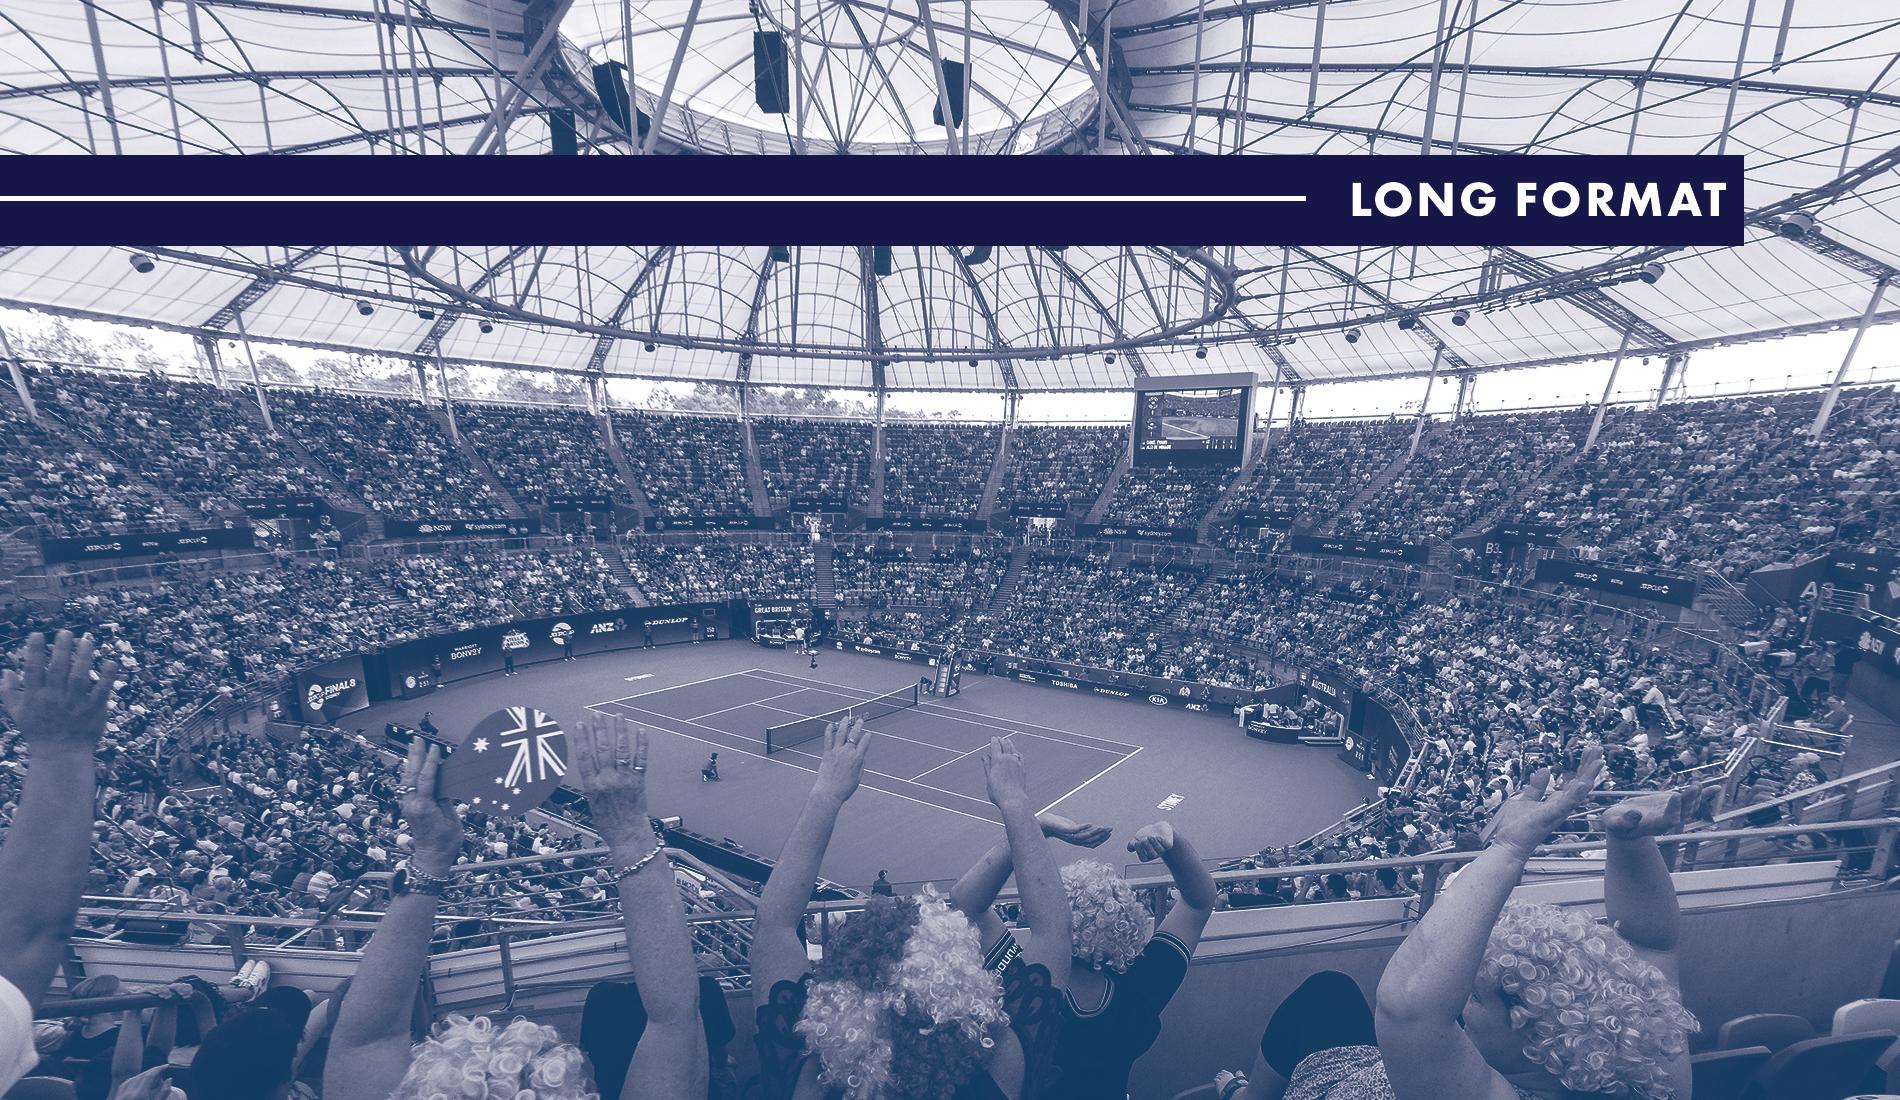 Long Format : A quoi ressemblera le tennis ? (Partie 2)